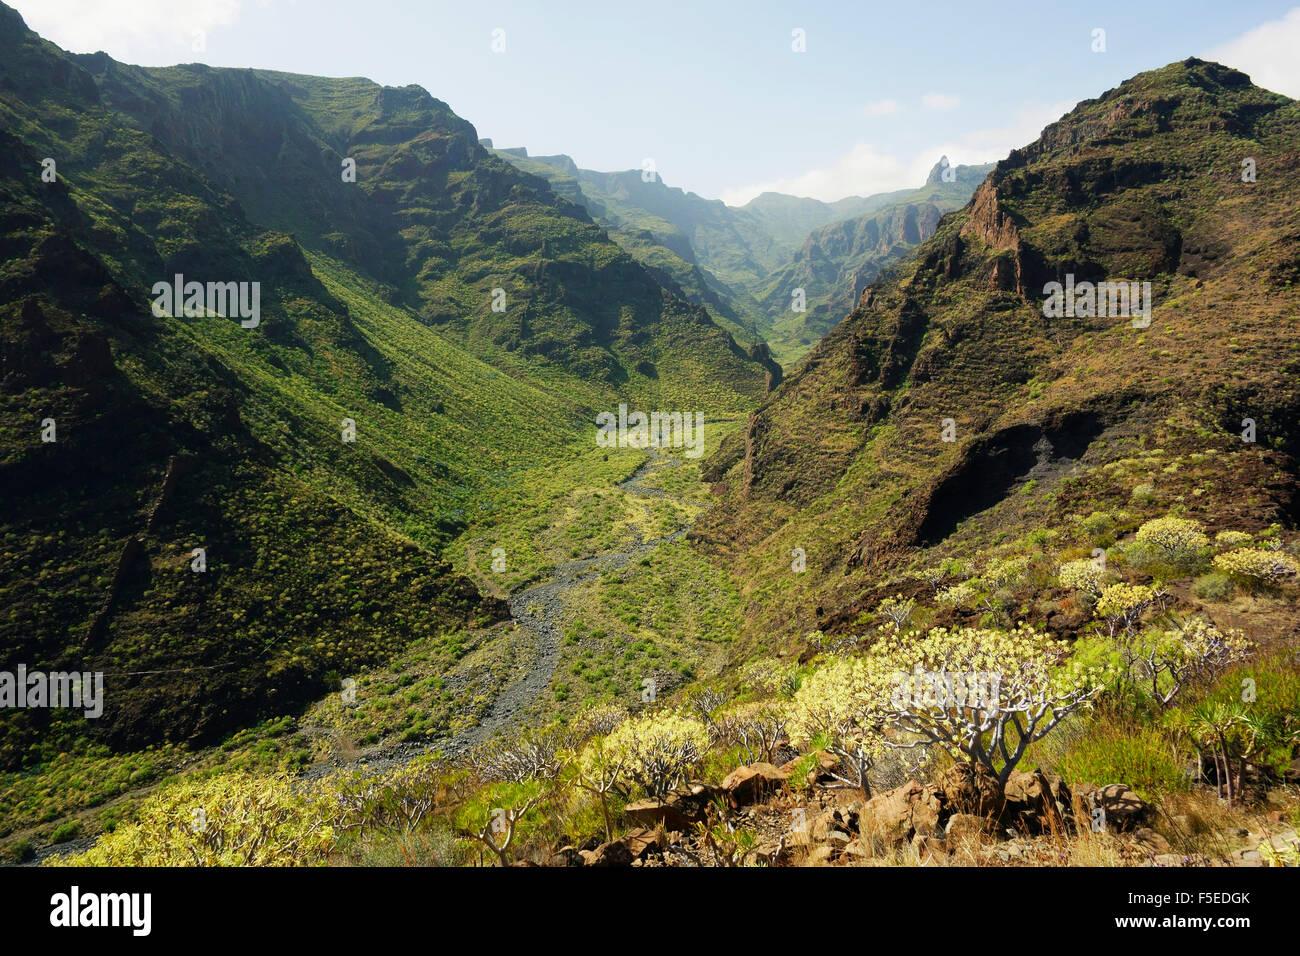 Barranco de Santiago, La Gomera, Canary Islands, Spain, Europe - Stock Image